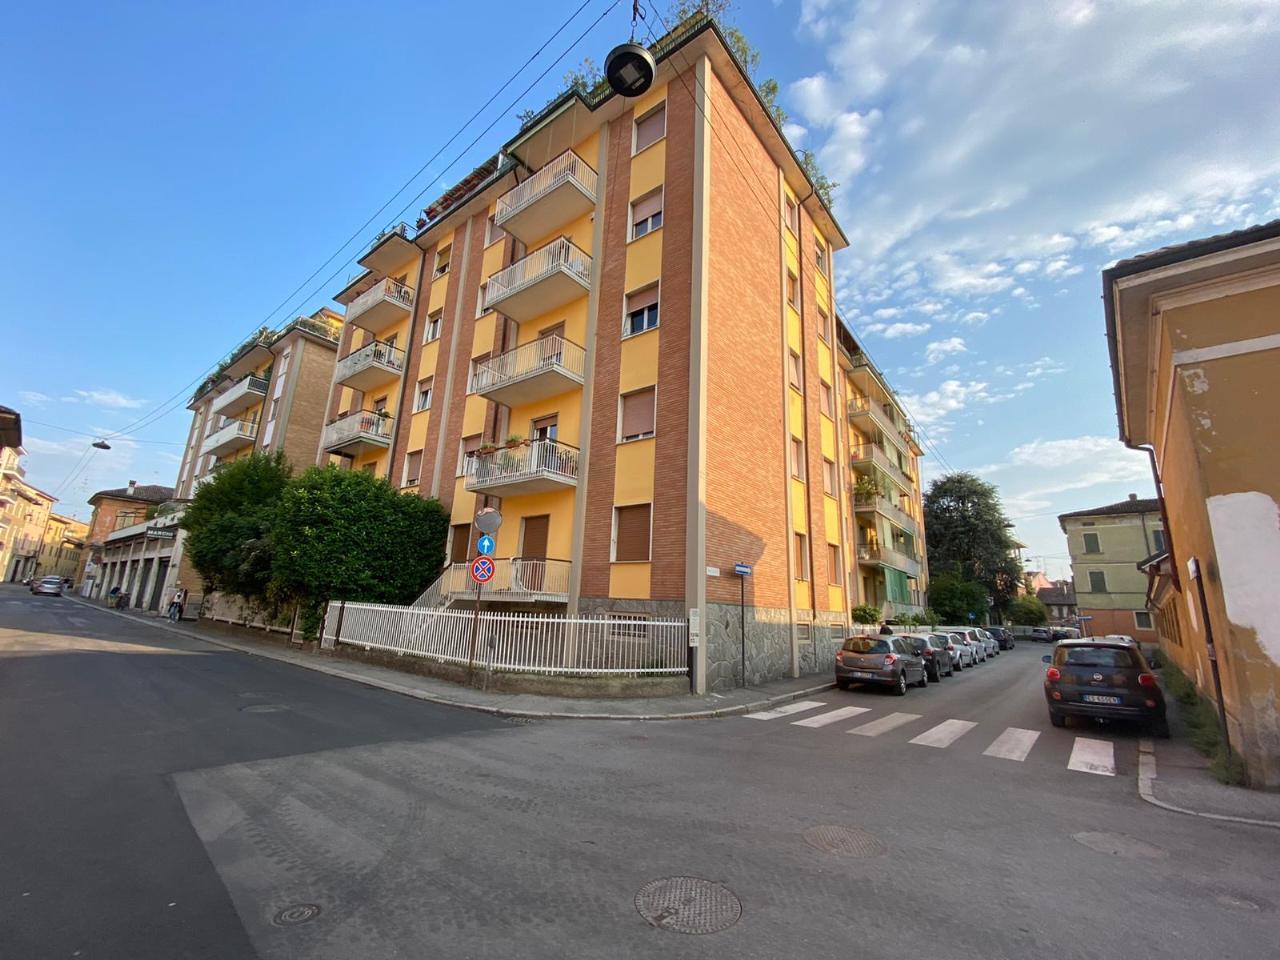 Appartamento CREMONA €130.000,00